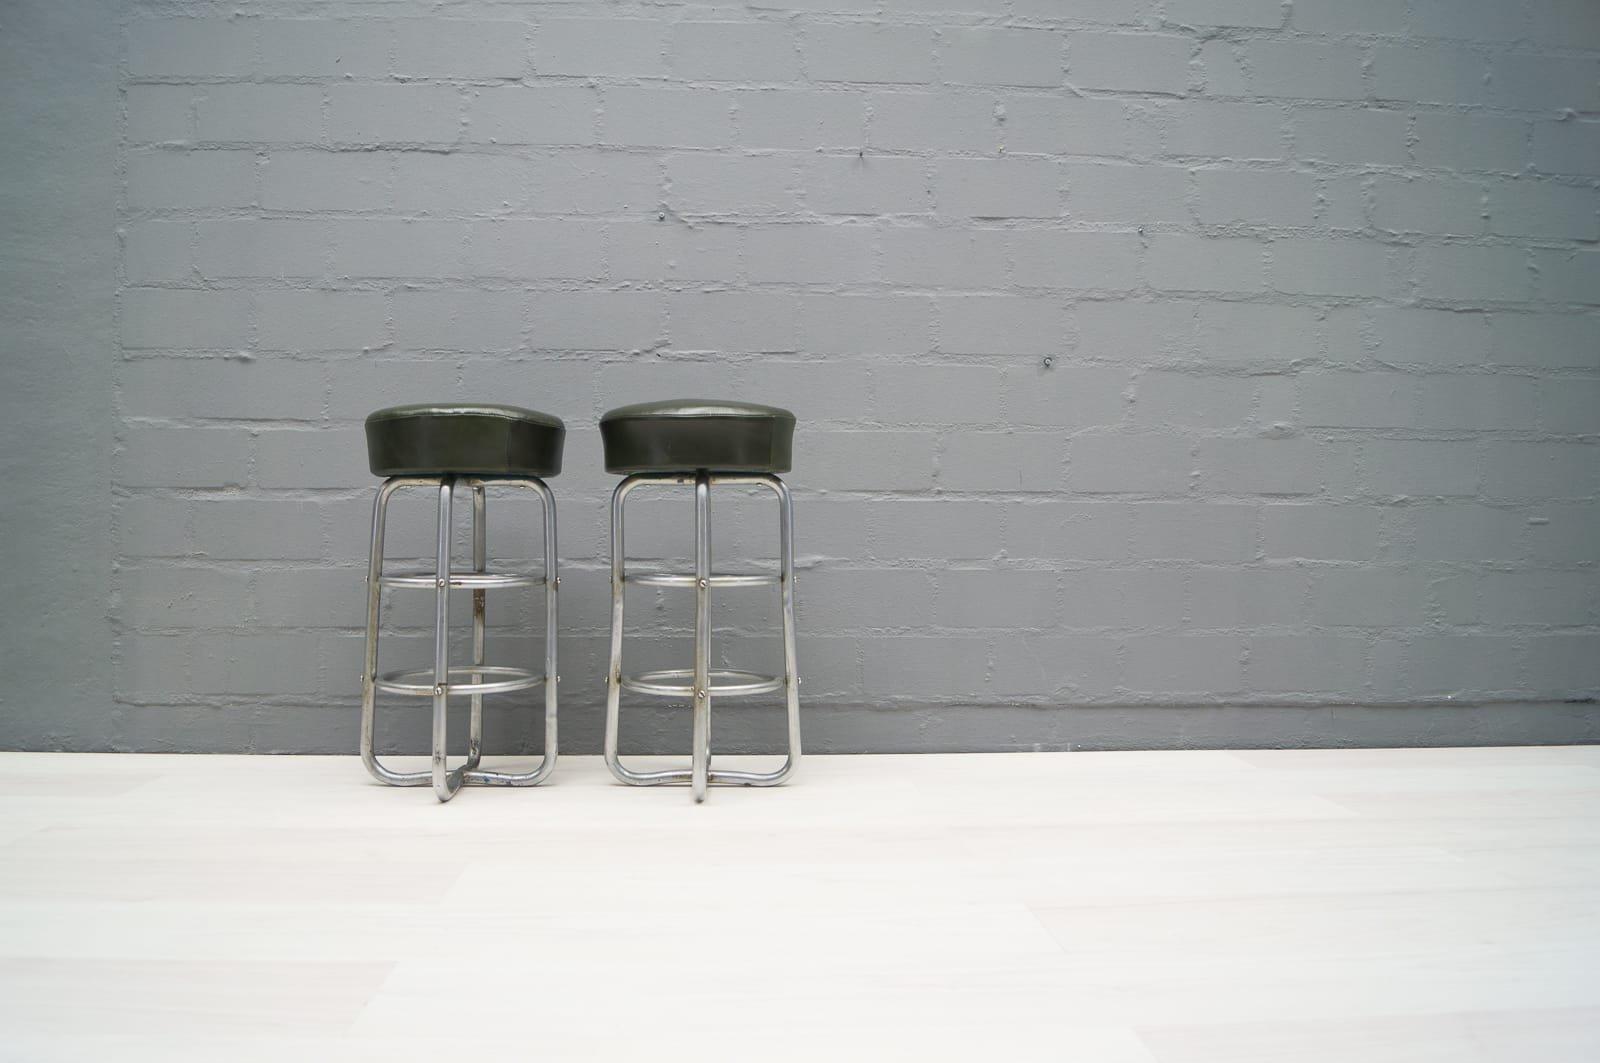 bauhaus art deco tubular steel stools set of 2 for sale. Black Bedroom Furniture Sets. Home Design Ideas